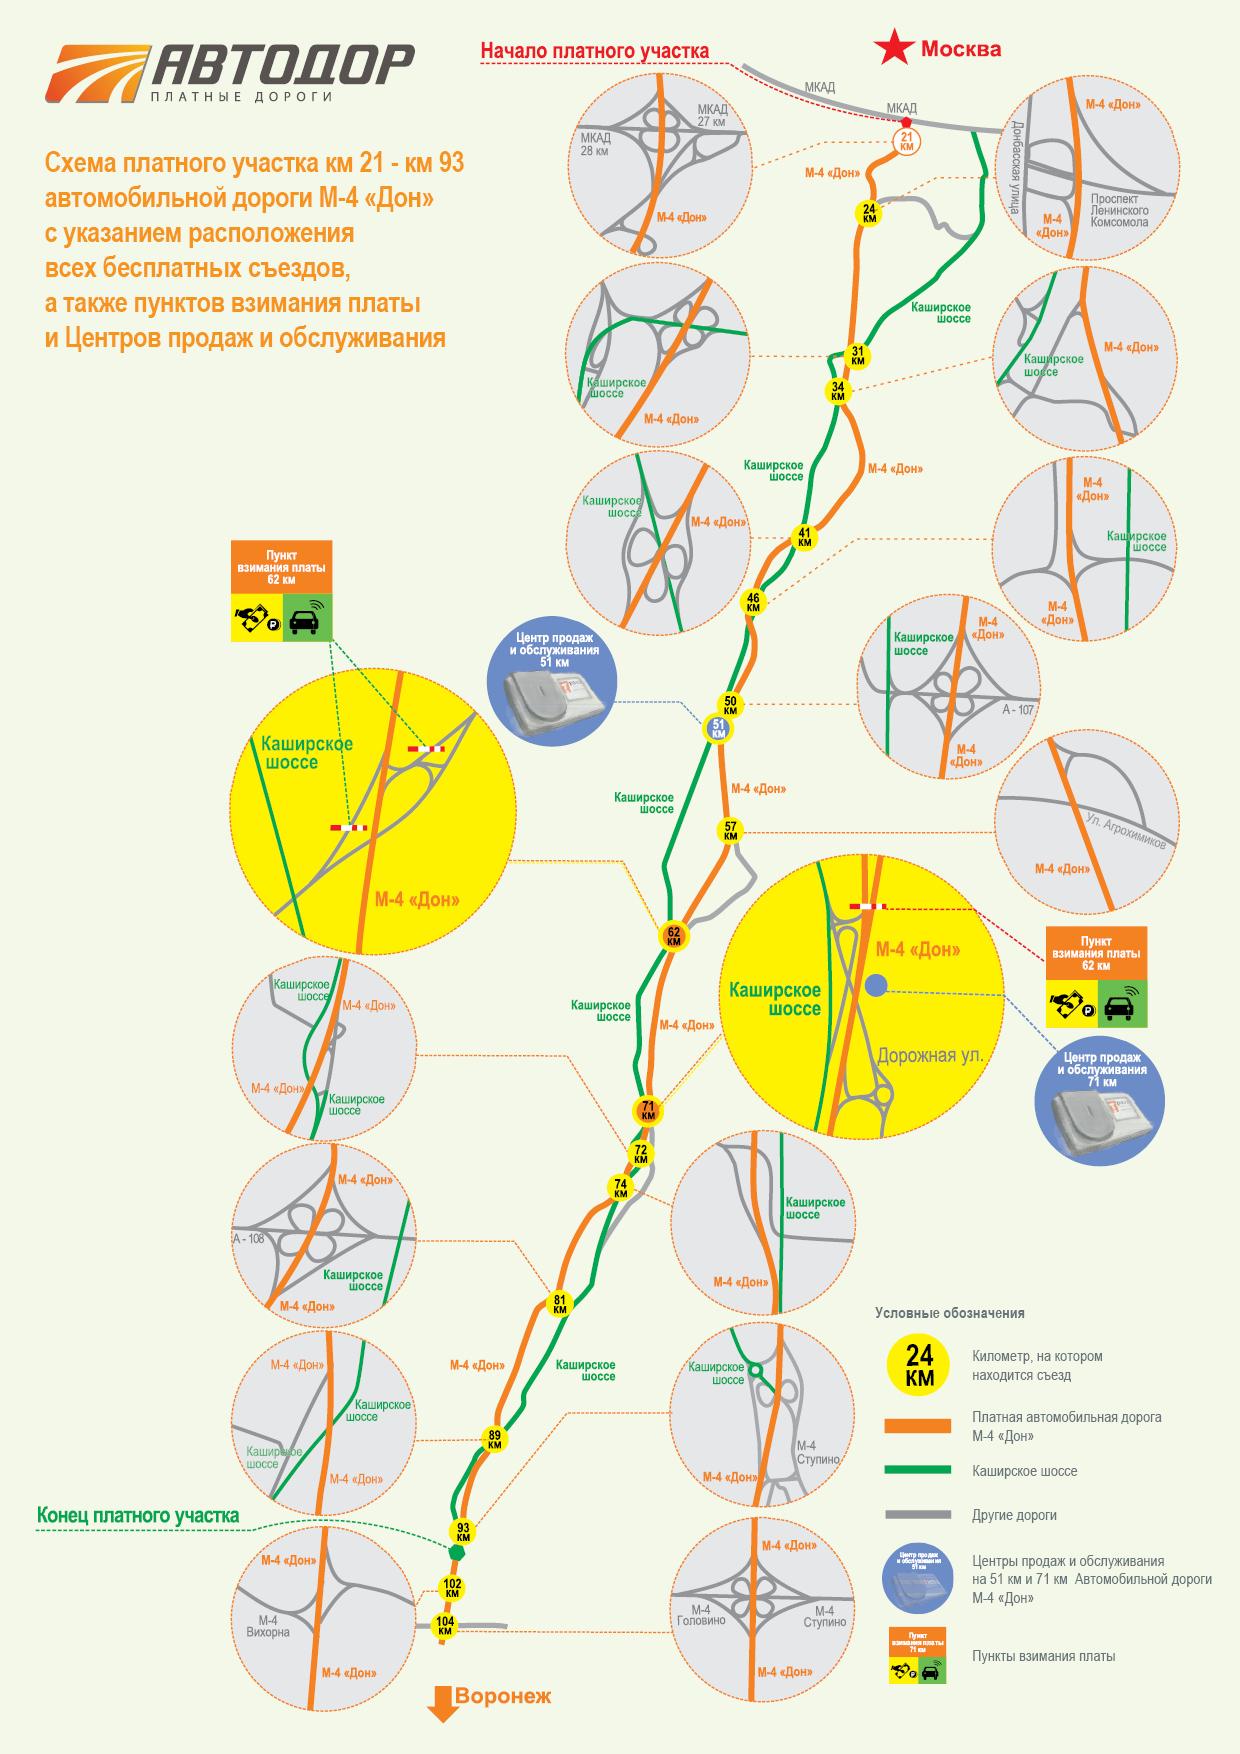 схема трассы м4 дон участок 492 - 517 км